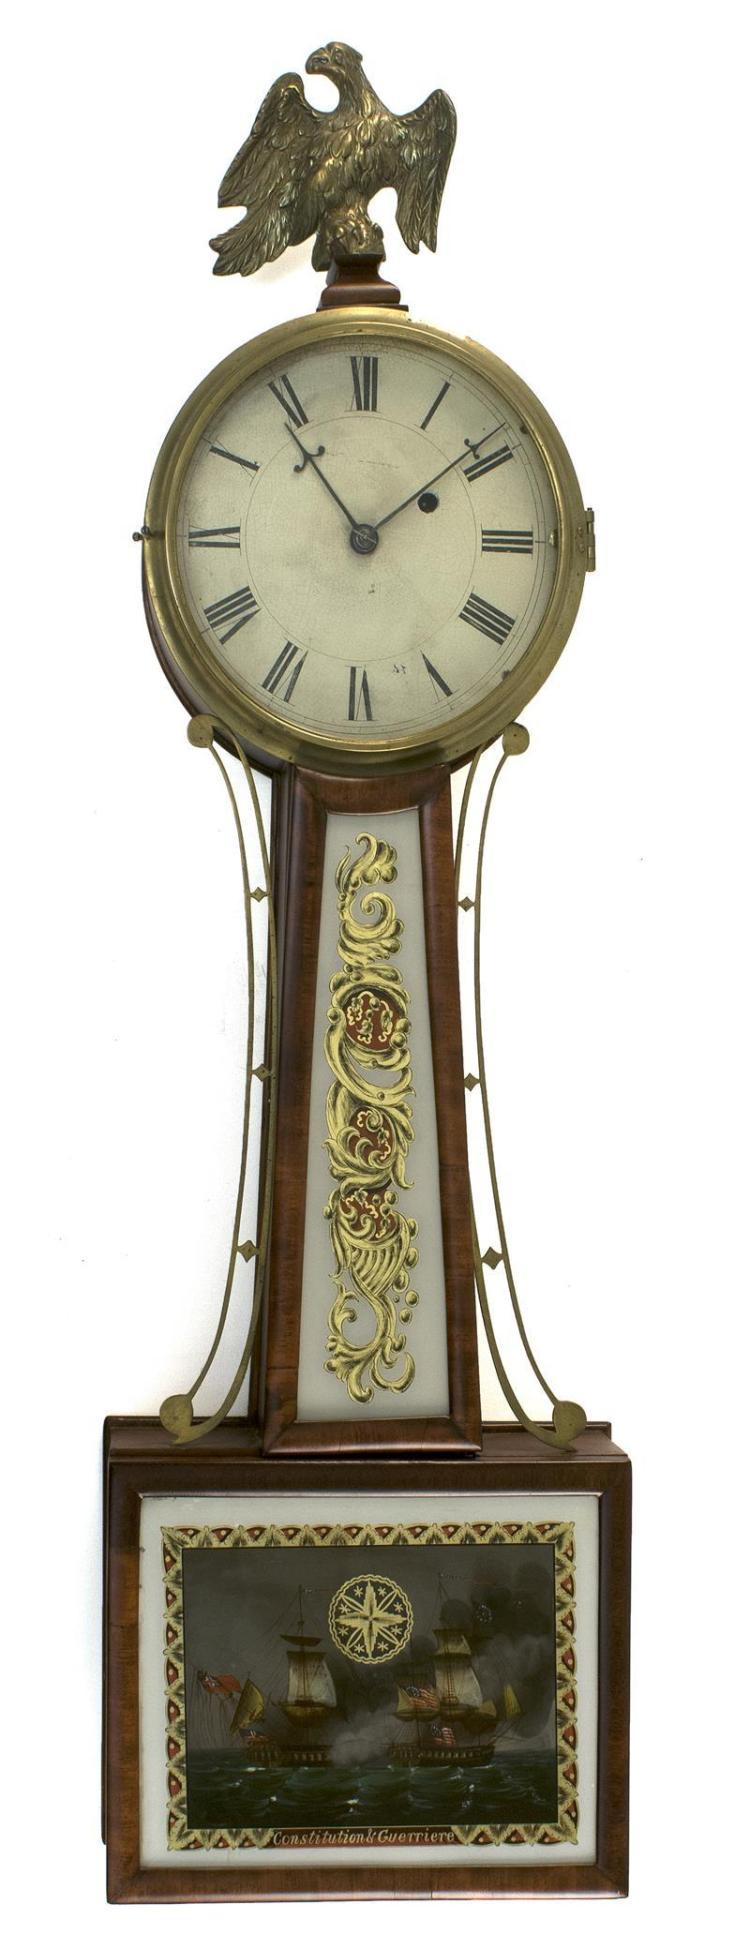 BANJO CLOCK ATTRIBUTED TO AARON WILLARD Mahogany and mahogan